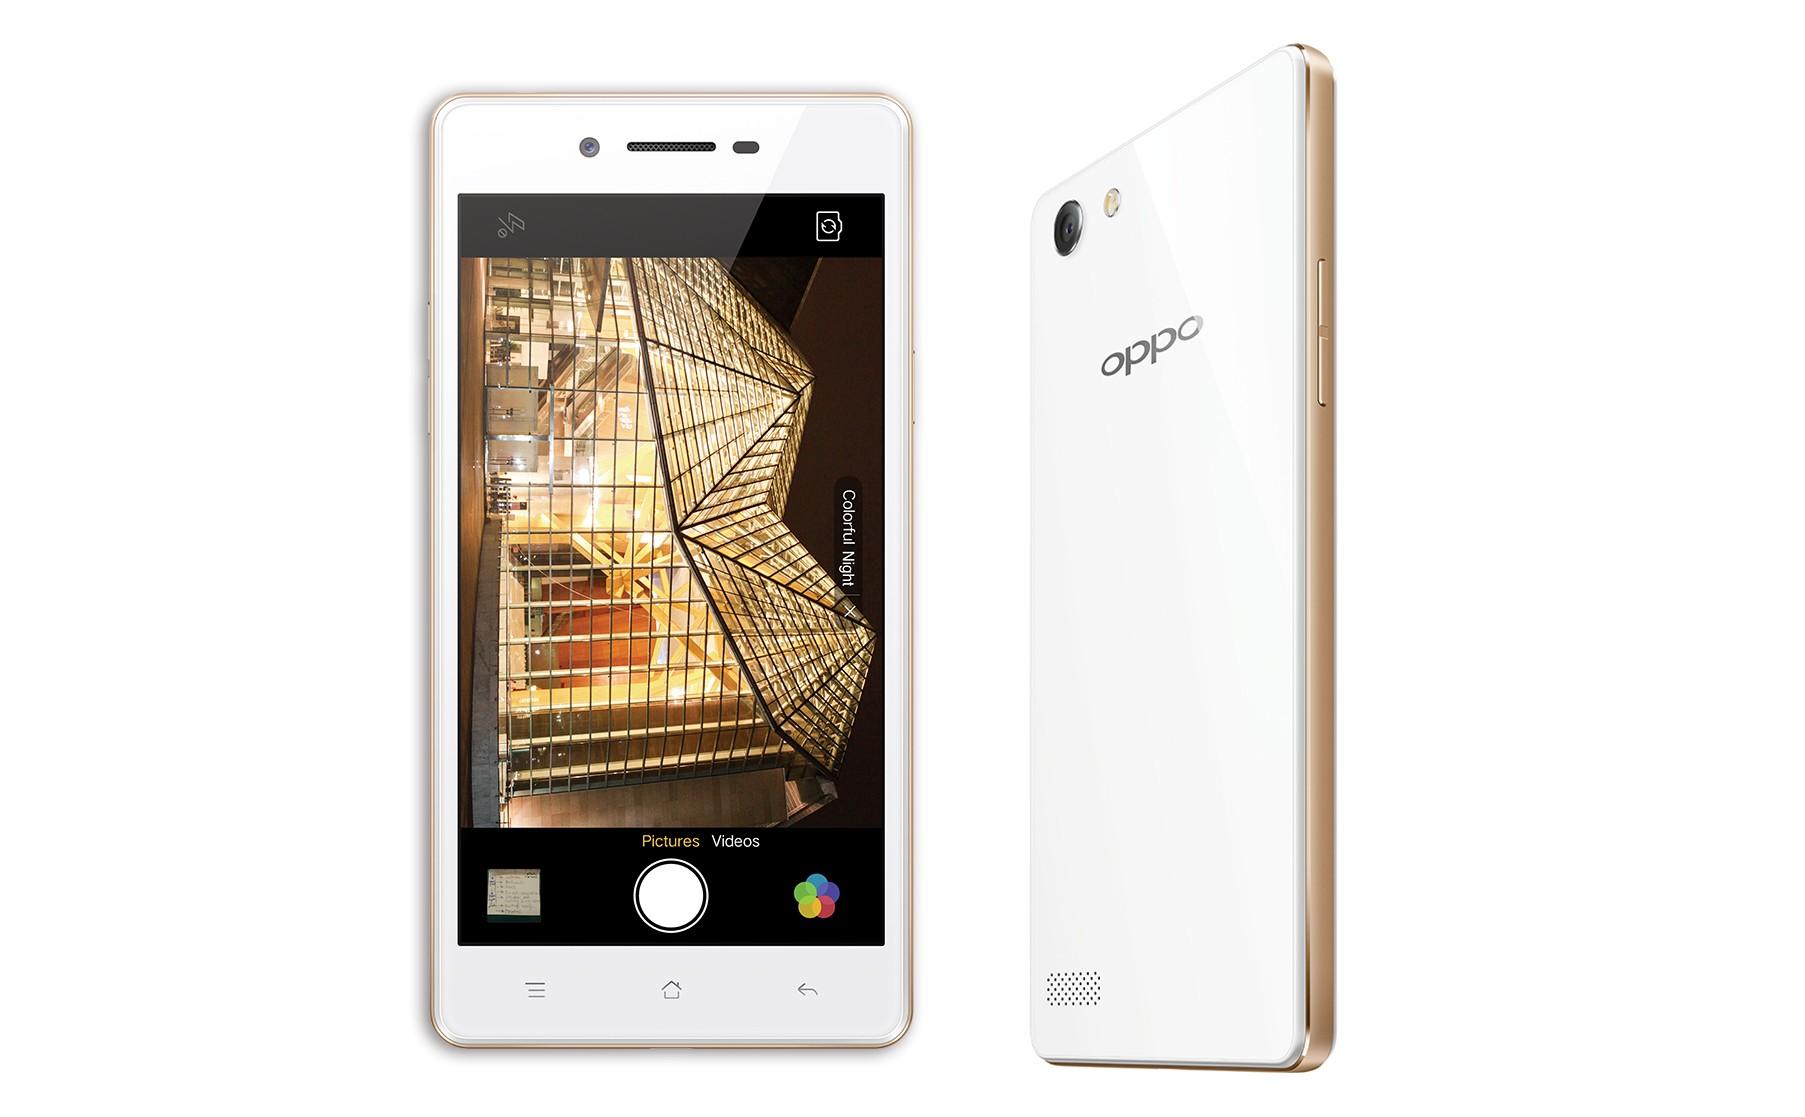 OPPO Neo 7 - Oppo Neo 7 chính thức bán ra, giá 3,99 triệu đồng.